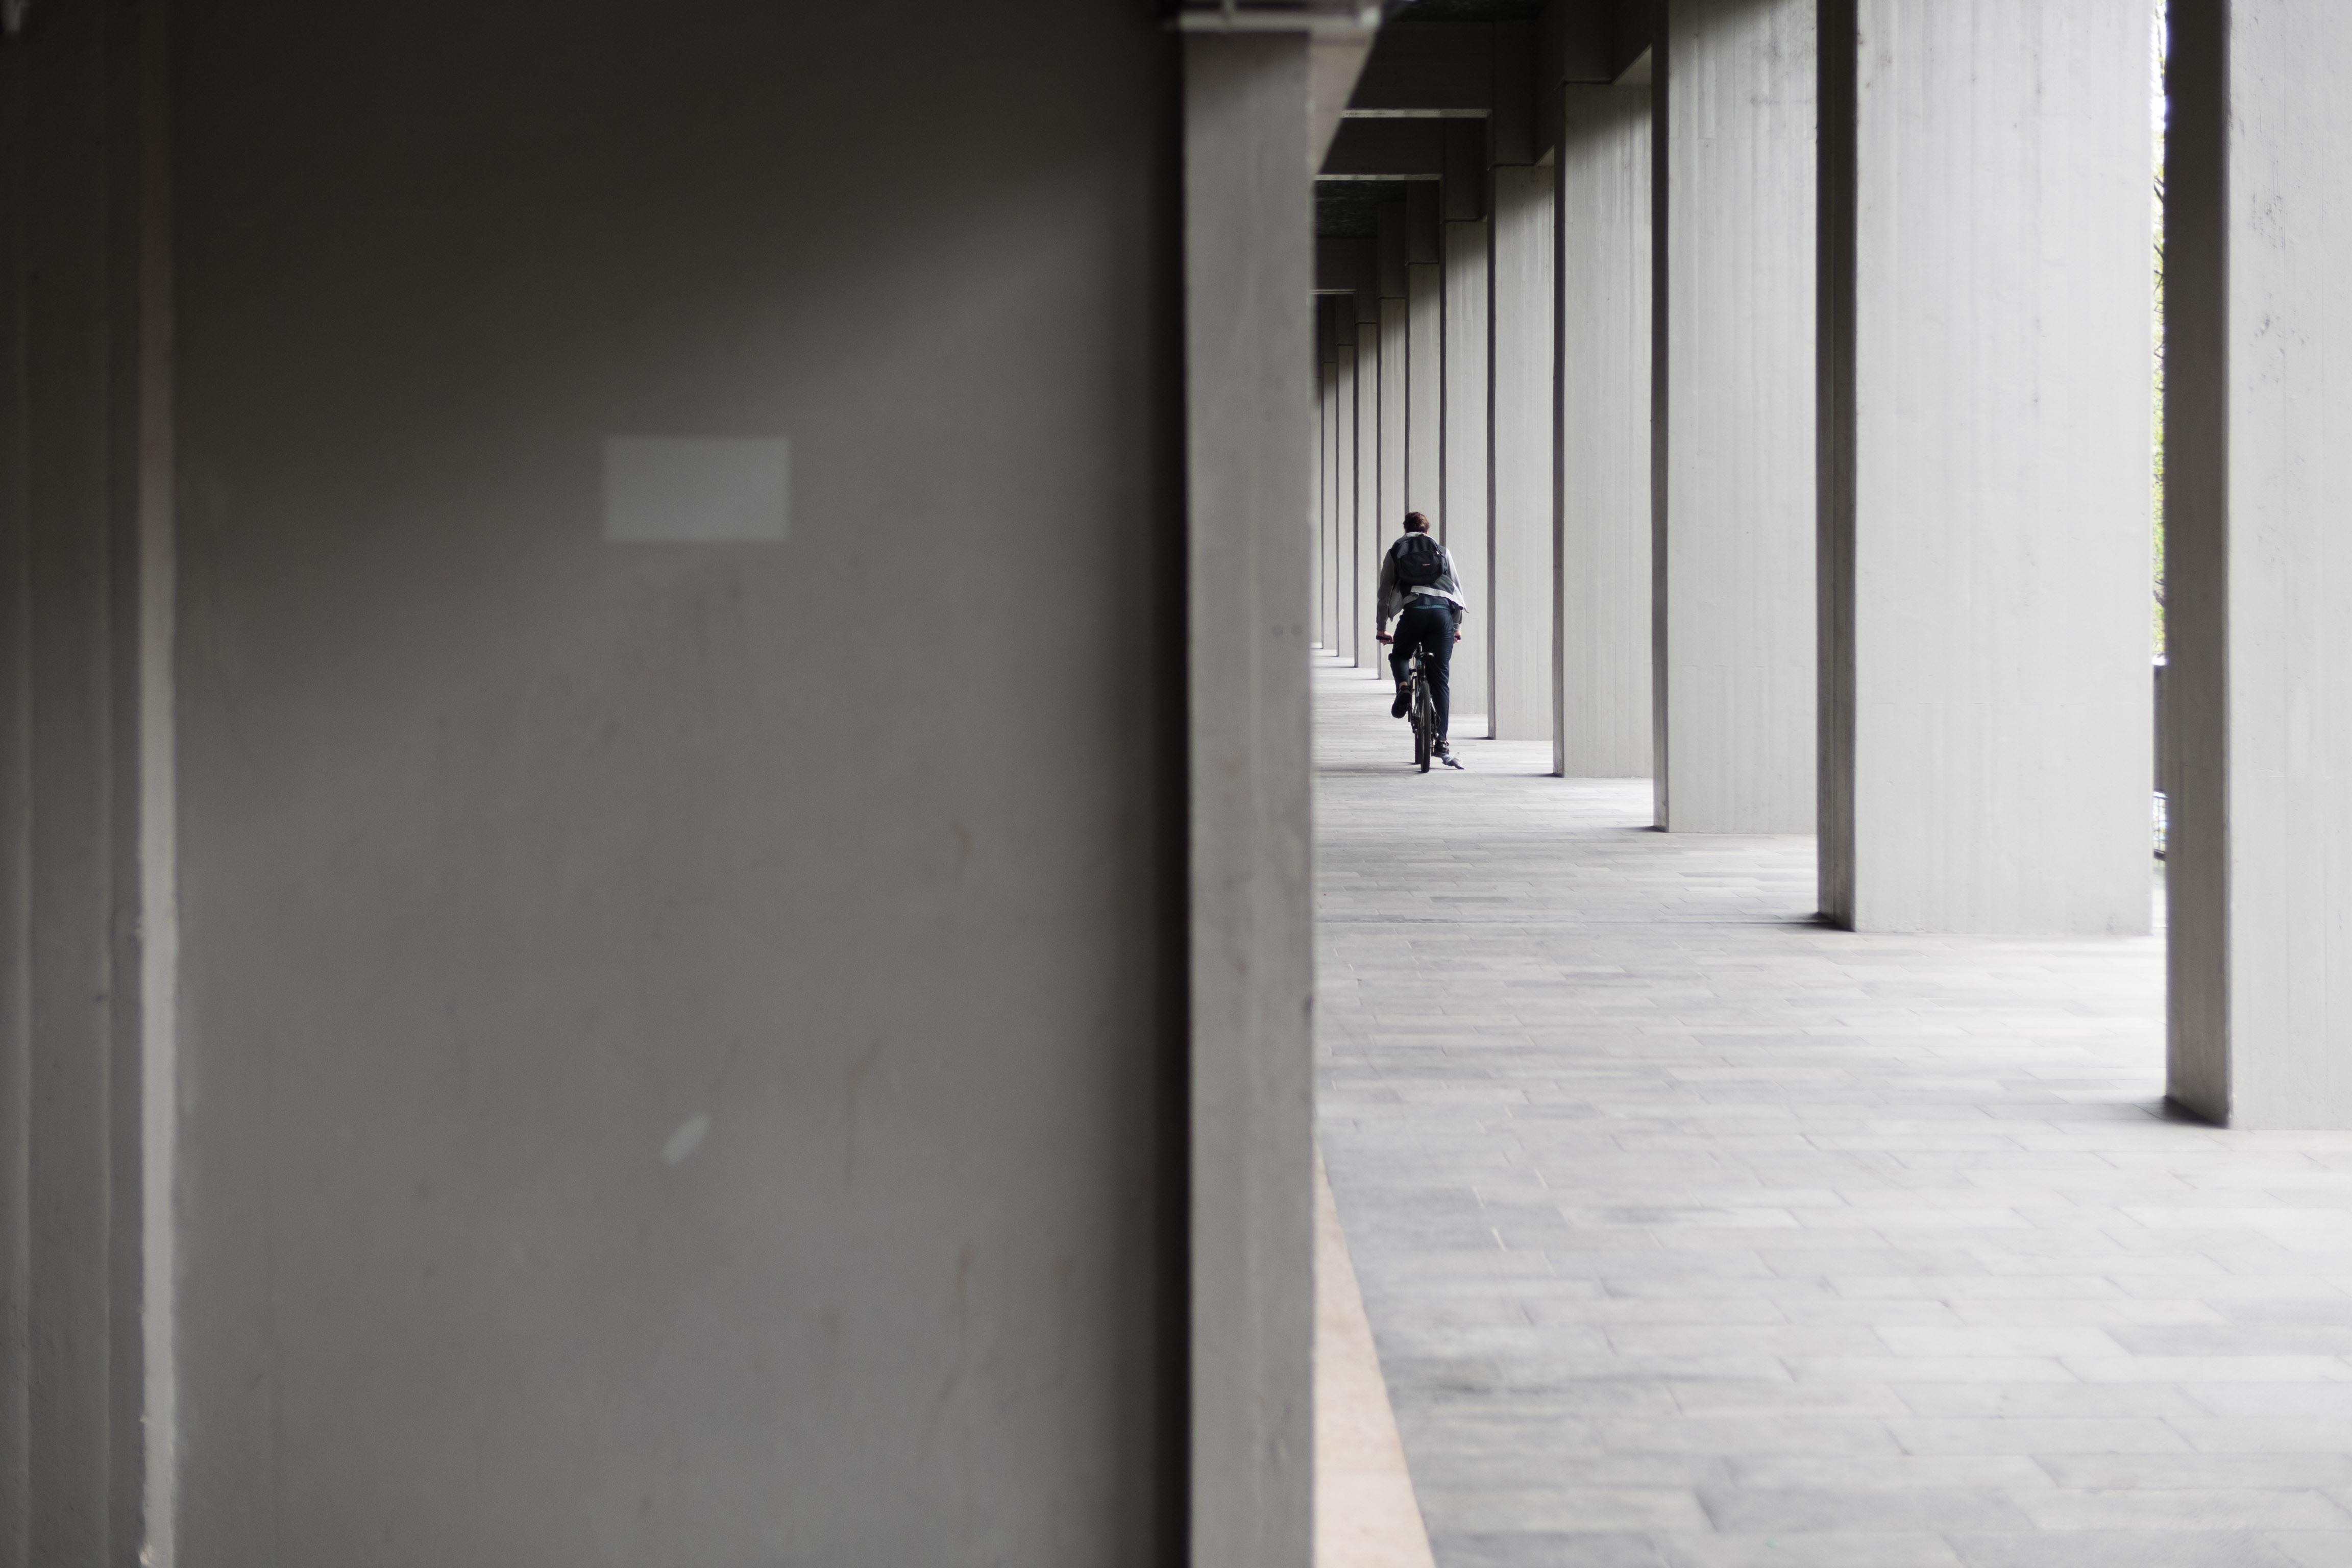 09 Soft City Lyon | Urban Pix